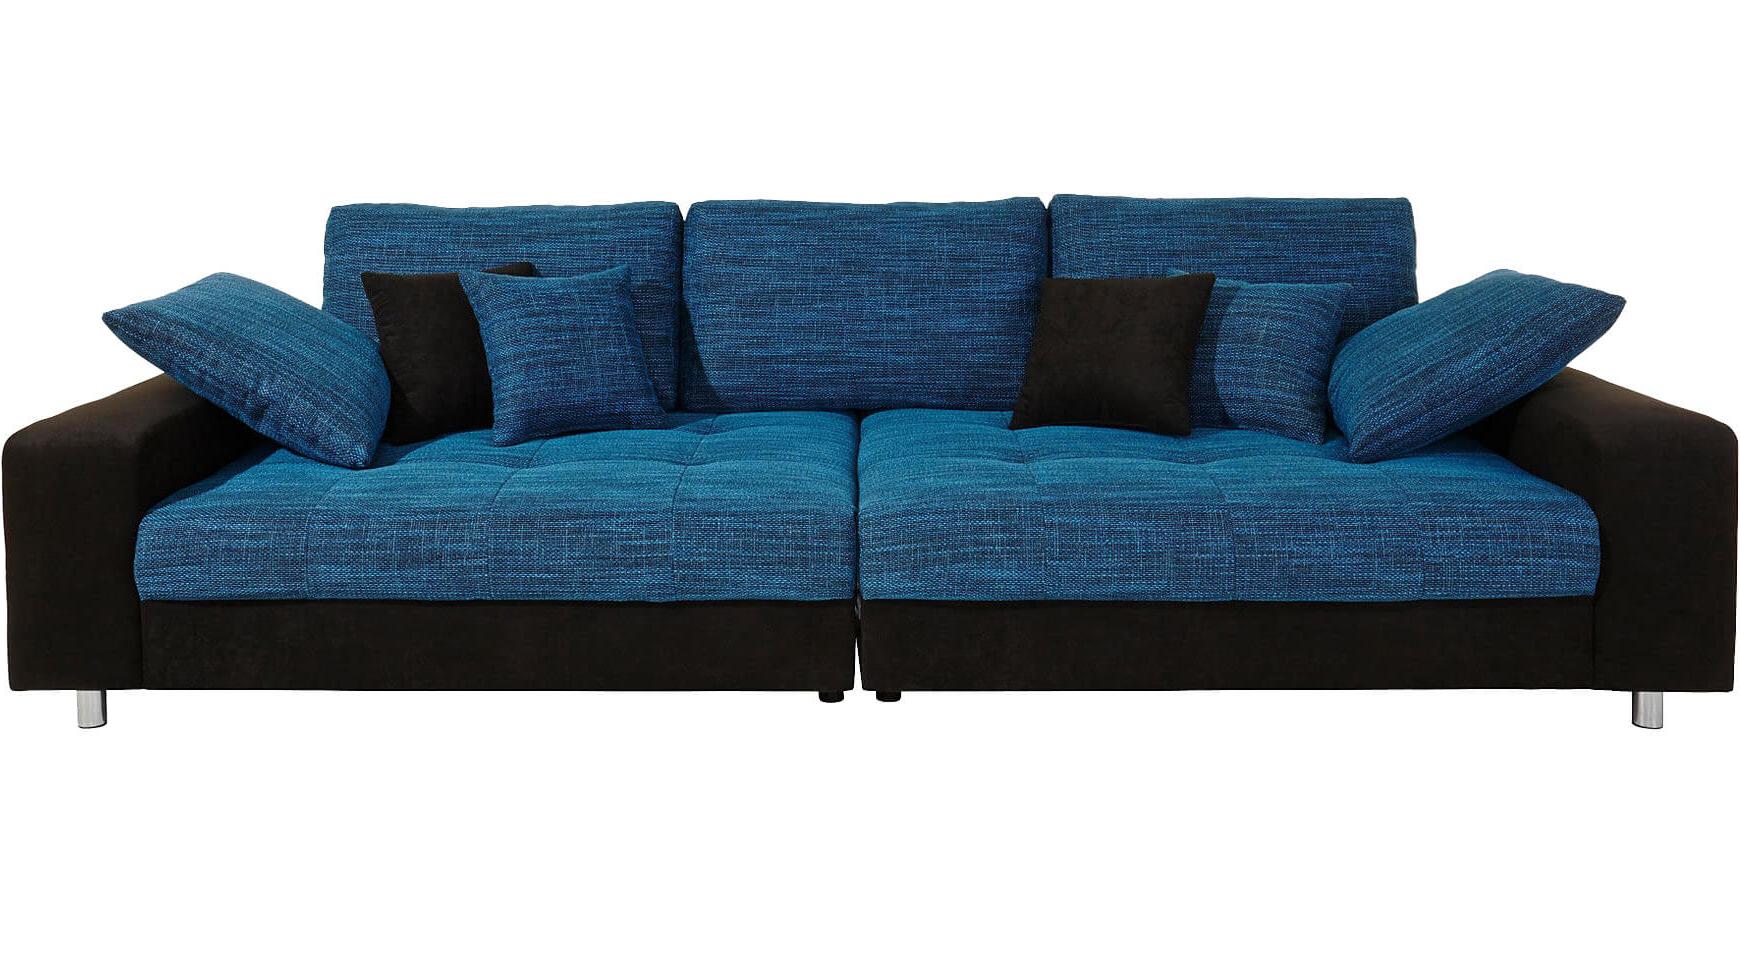 Sofa Xxl Nkde Xxl sofa Xxl Couch Extragroà E sofas Bestellen Bei Cnouch